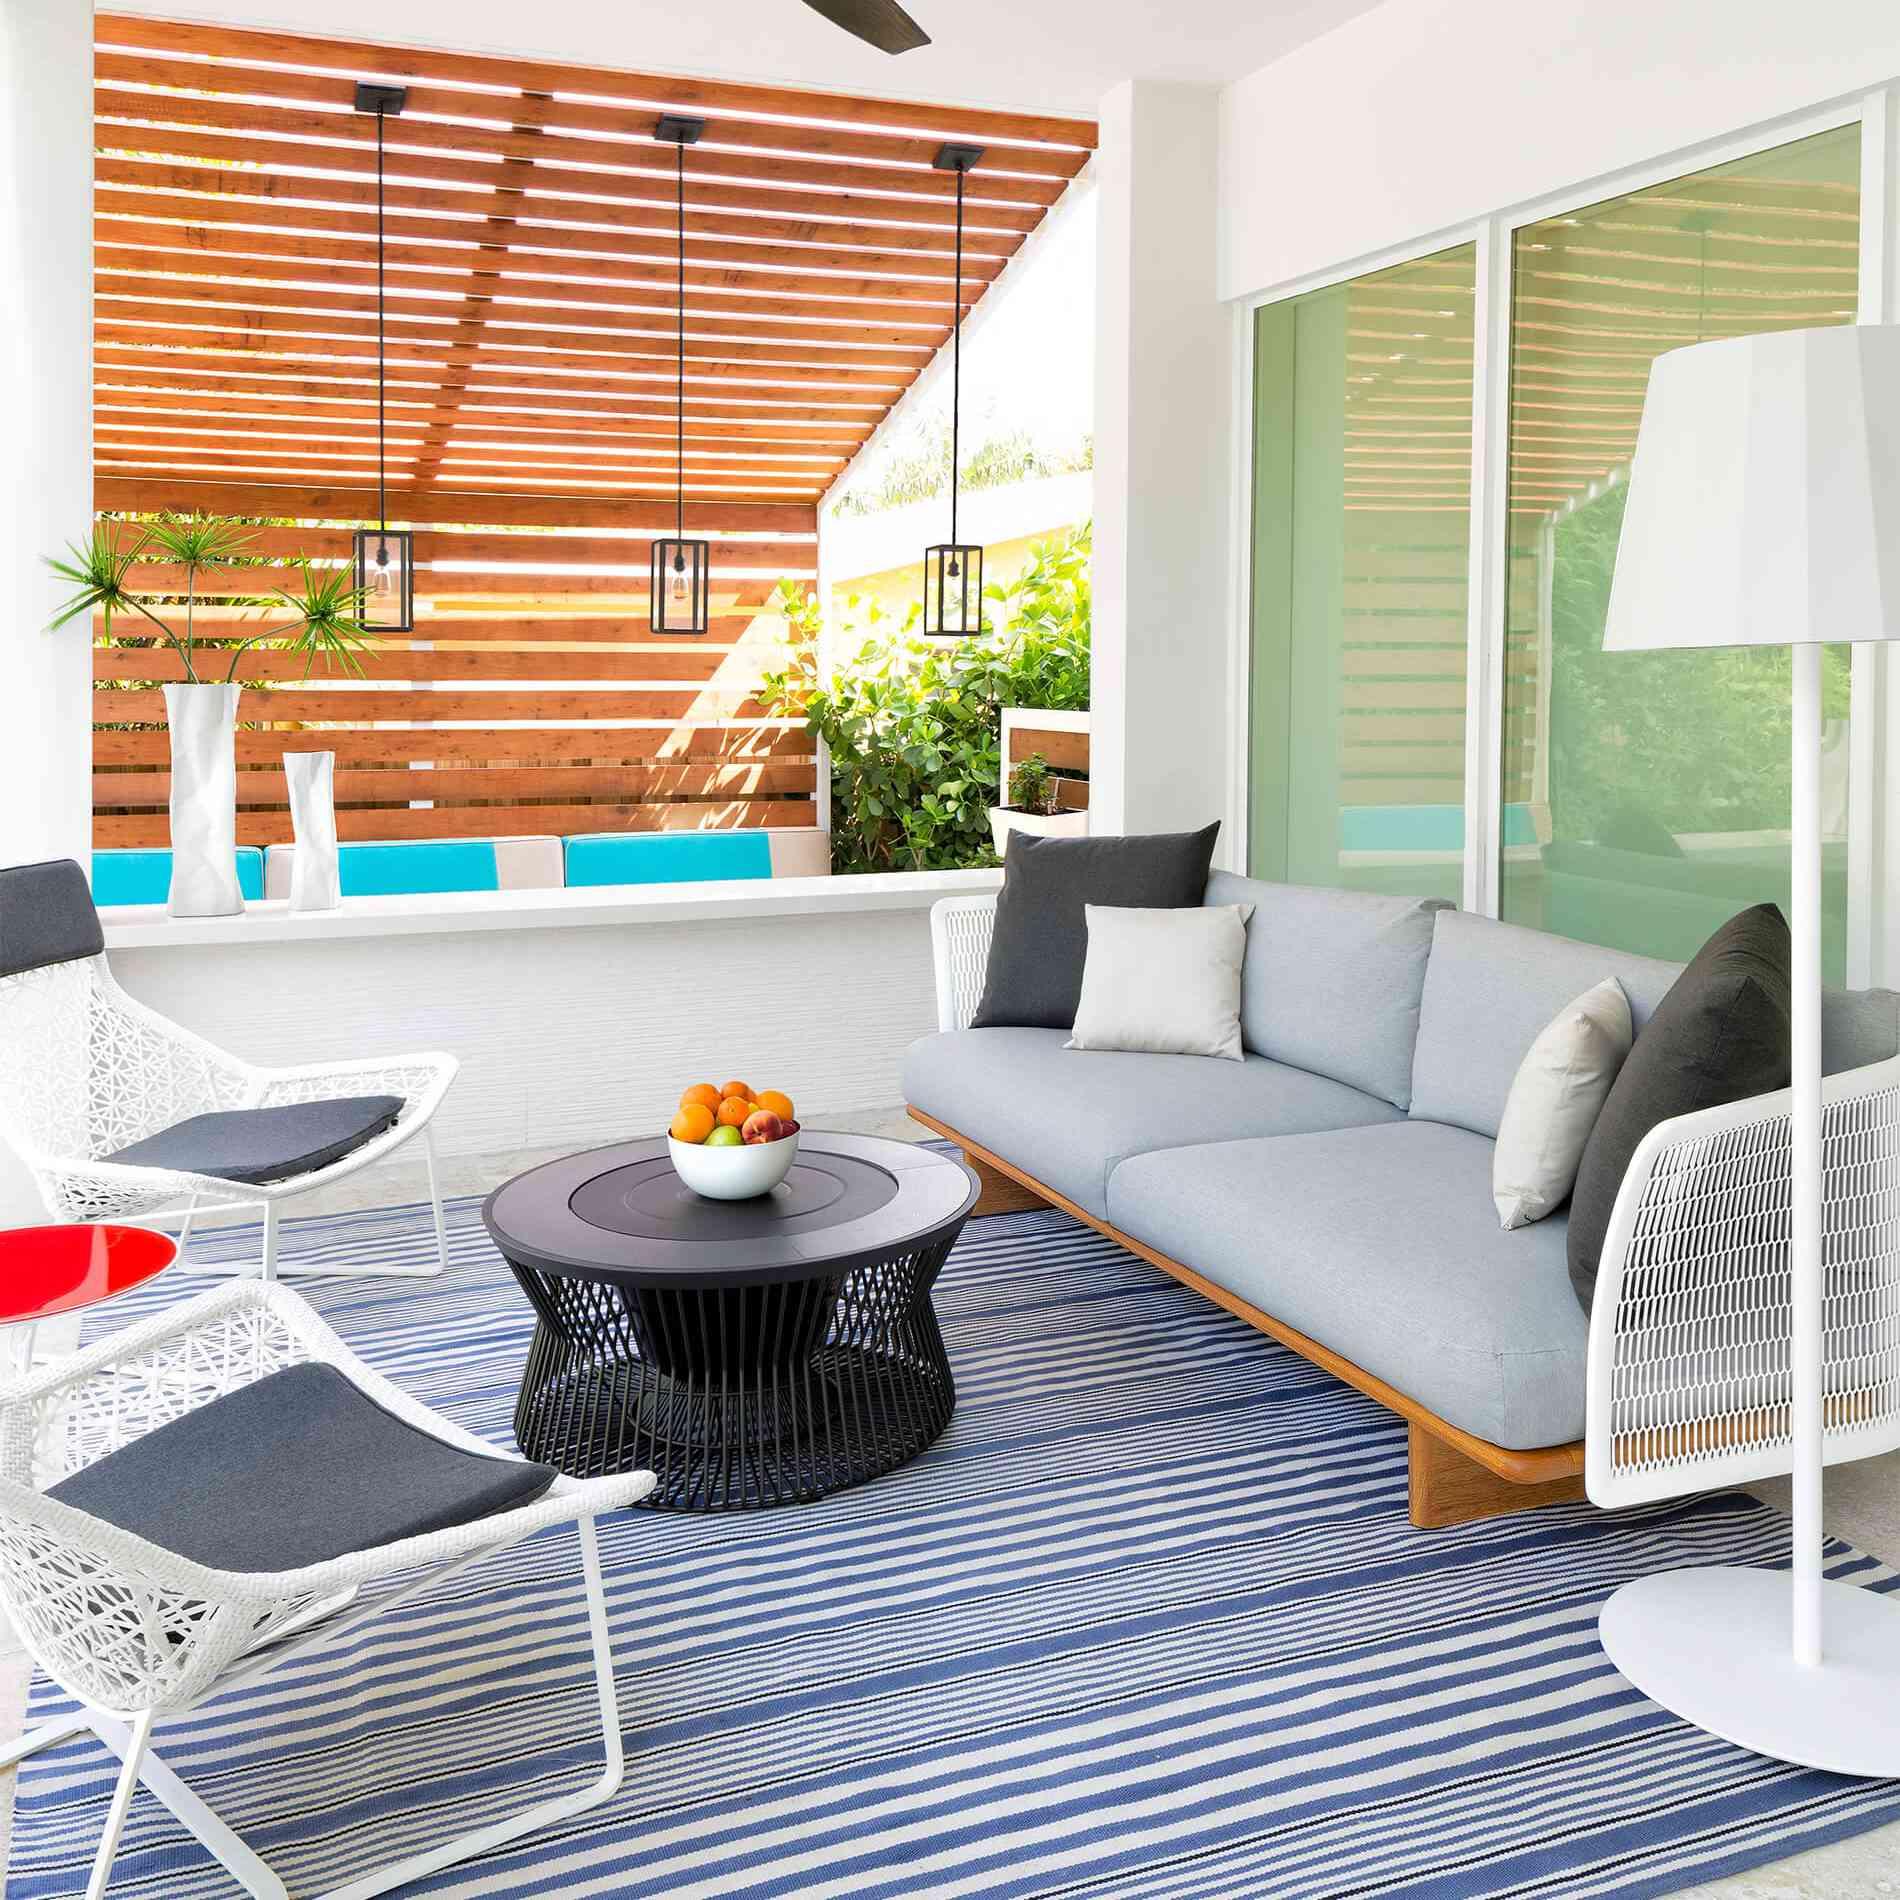 fan outdoor living room